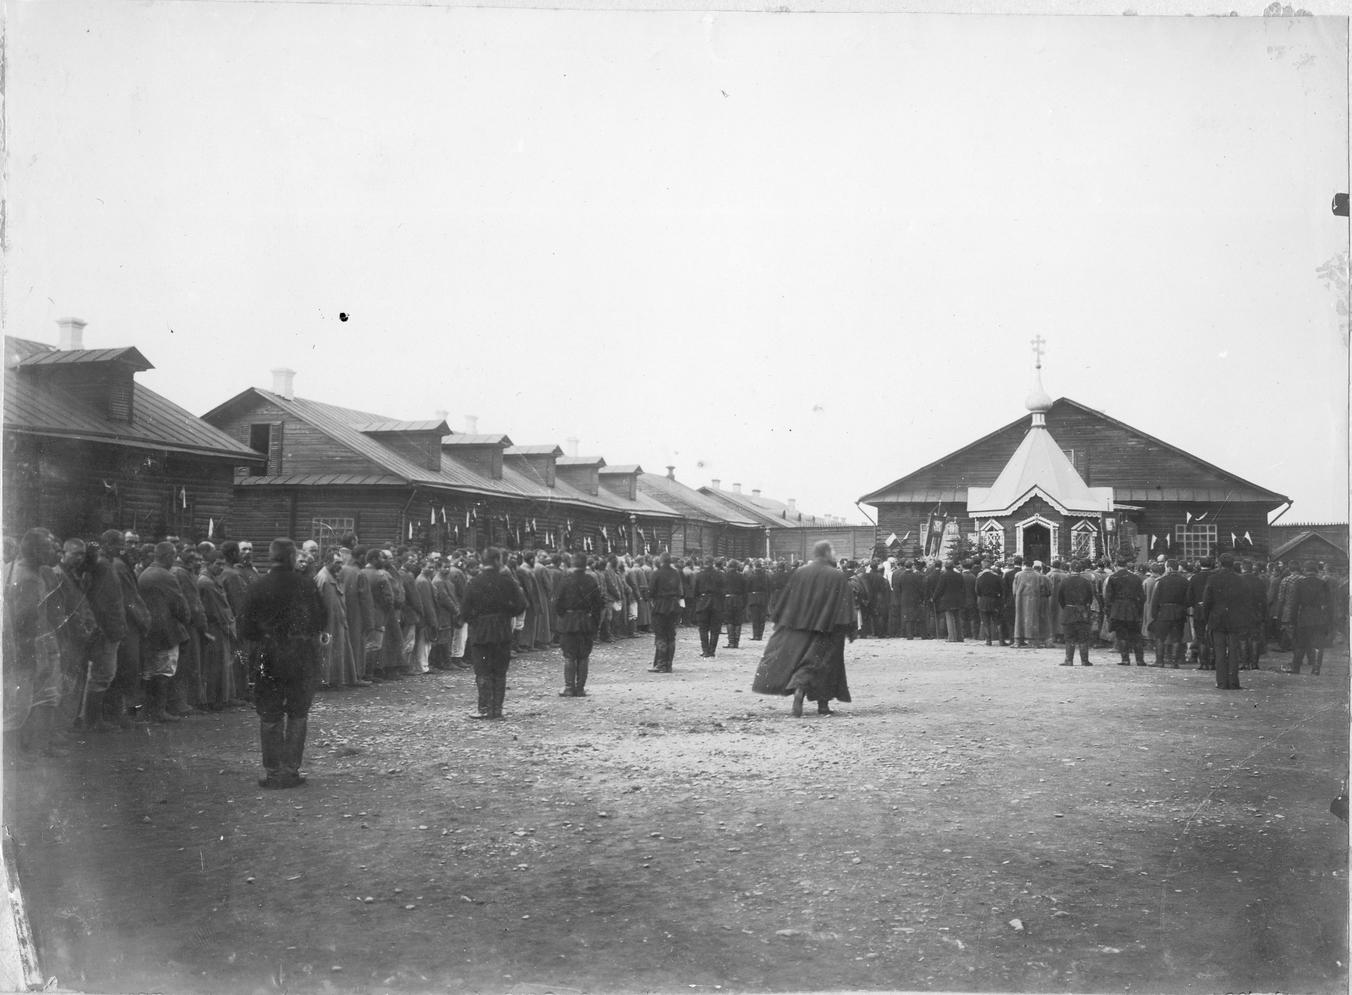 Молебен на тюремном дворе. Период с 1875 по 1906 год. Коллекция фотографий Краснова Ивана Николаевича